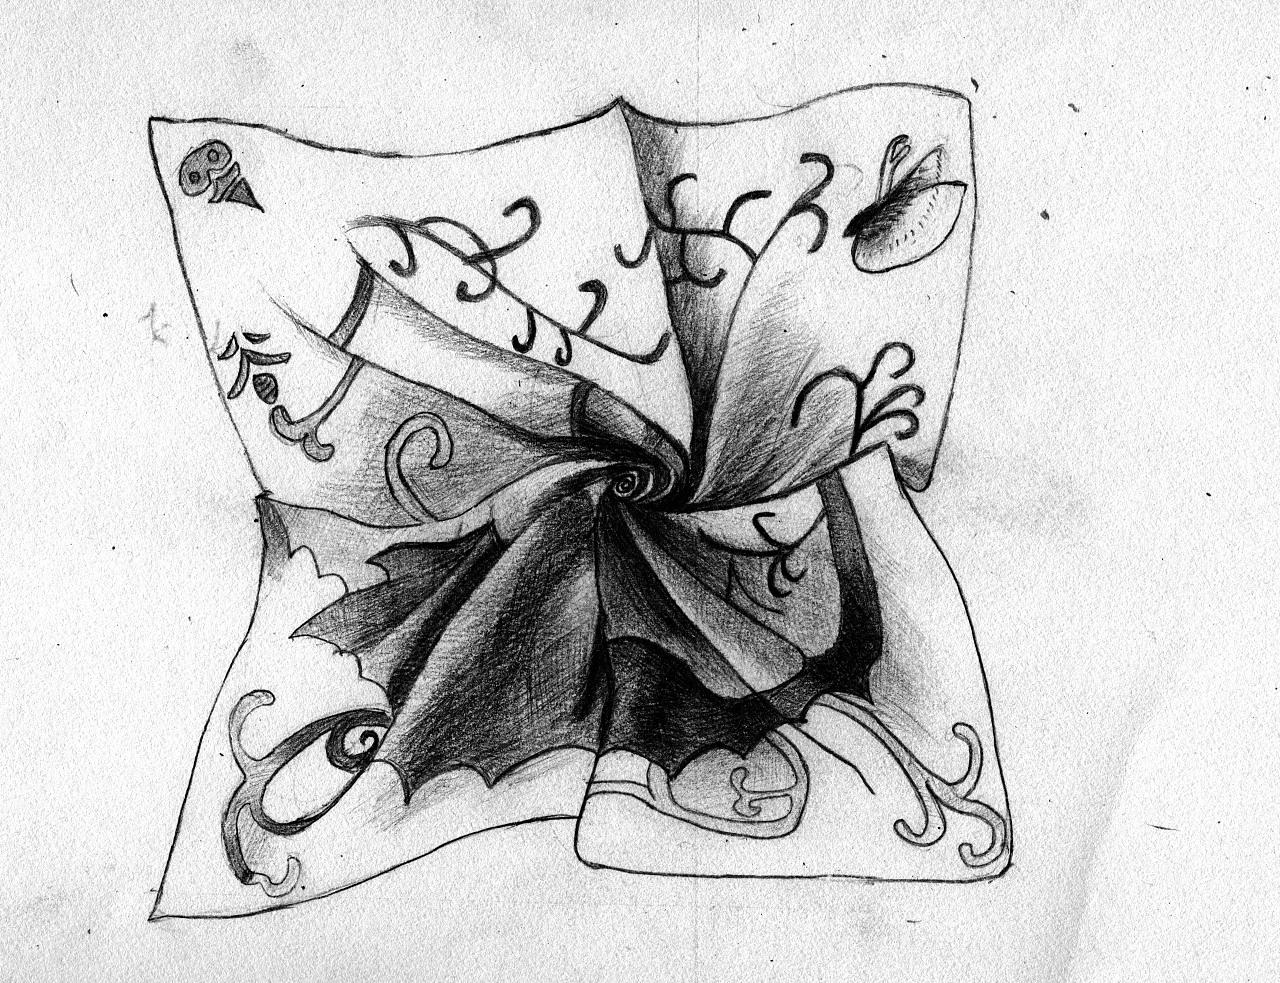 手绘作品|其他|墙绘/立体画|曹增翠 - 原创作品